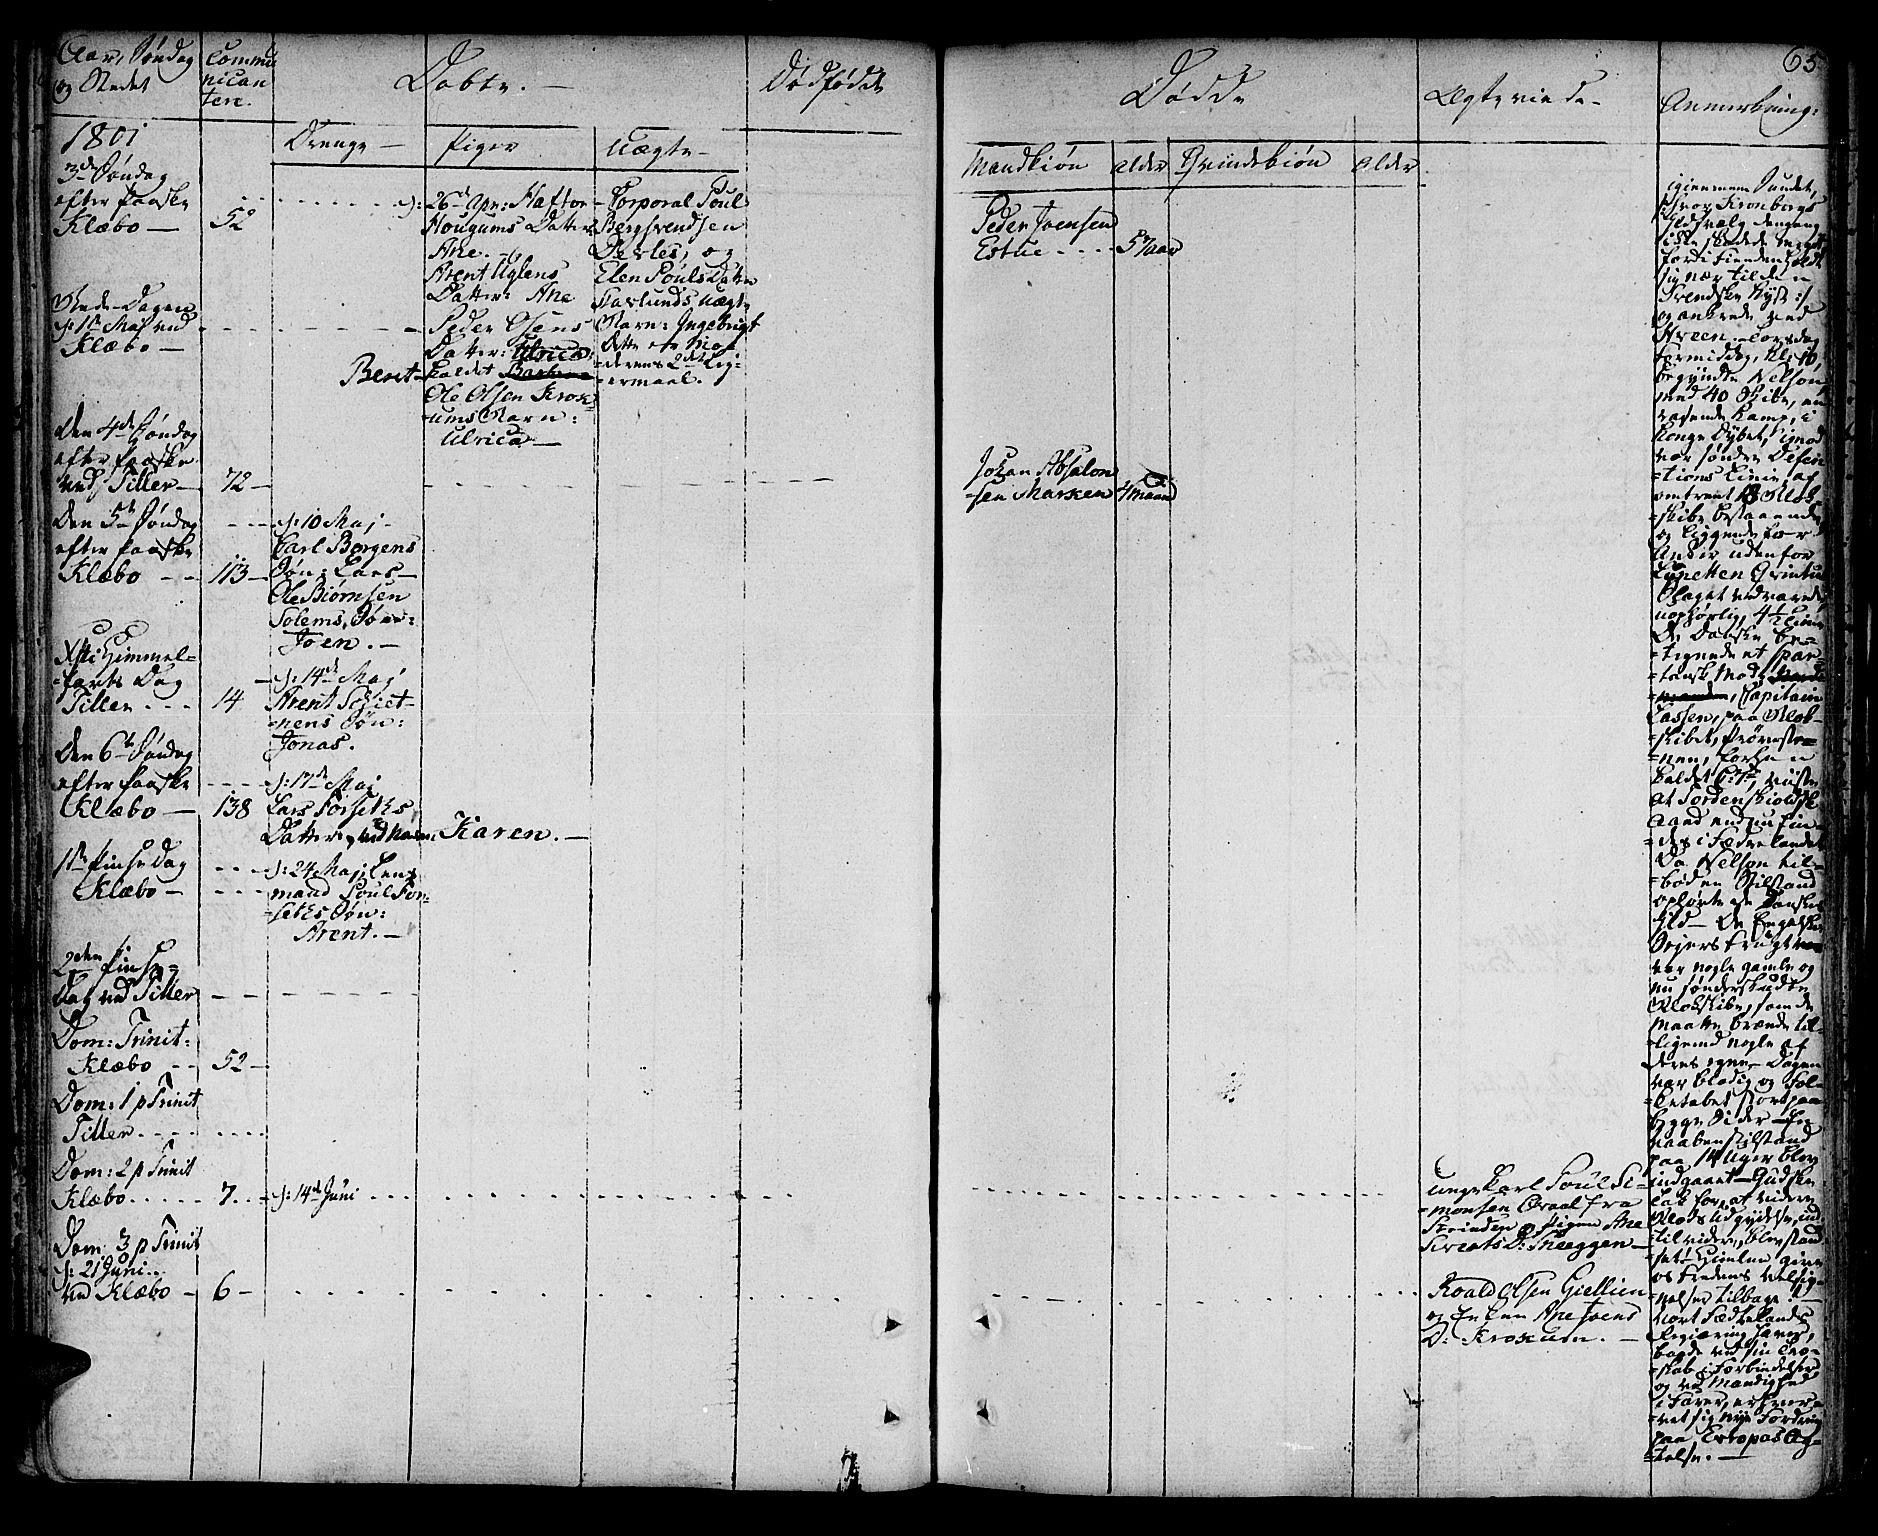 SAT, Ministerialprotokoller, klokkerbøker og fødselsregistre - Sør-Trøndelag, 618/L0438: Ministerialbok nr. 618A03, 1783-1815, s. 65